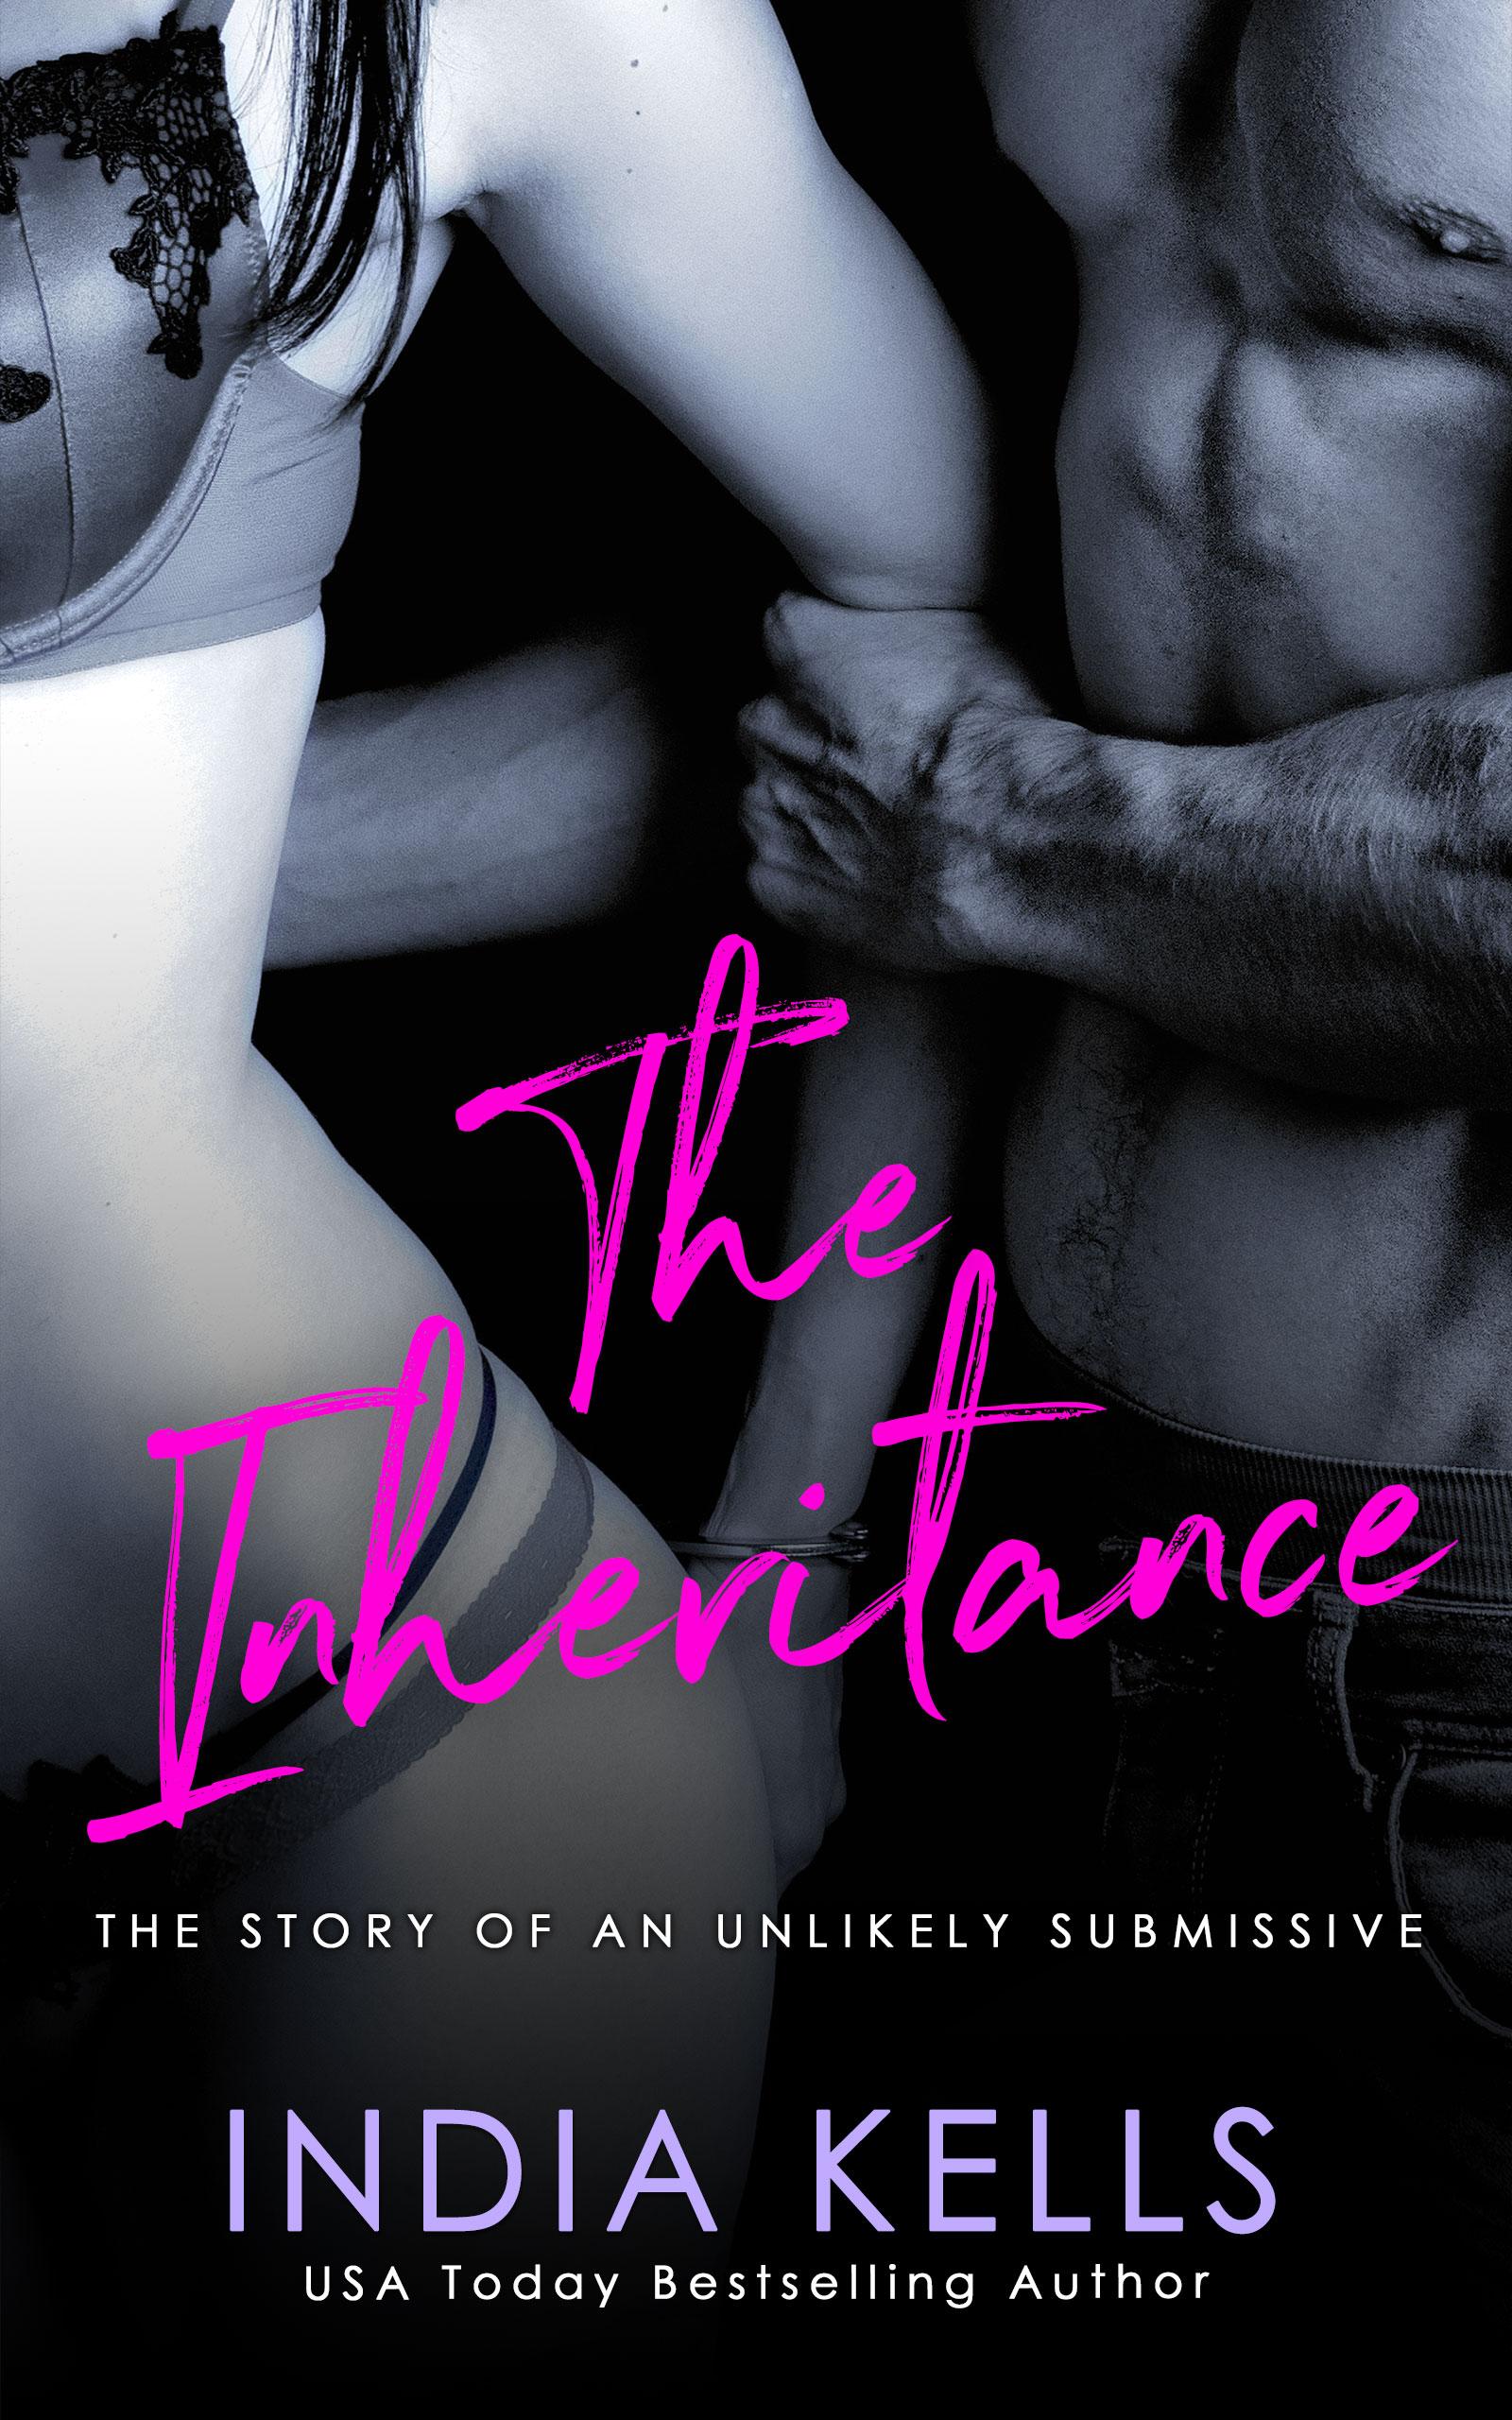 The Inheritance_India Kells.jpg